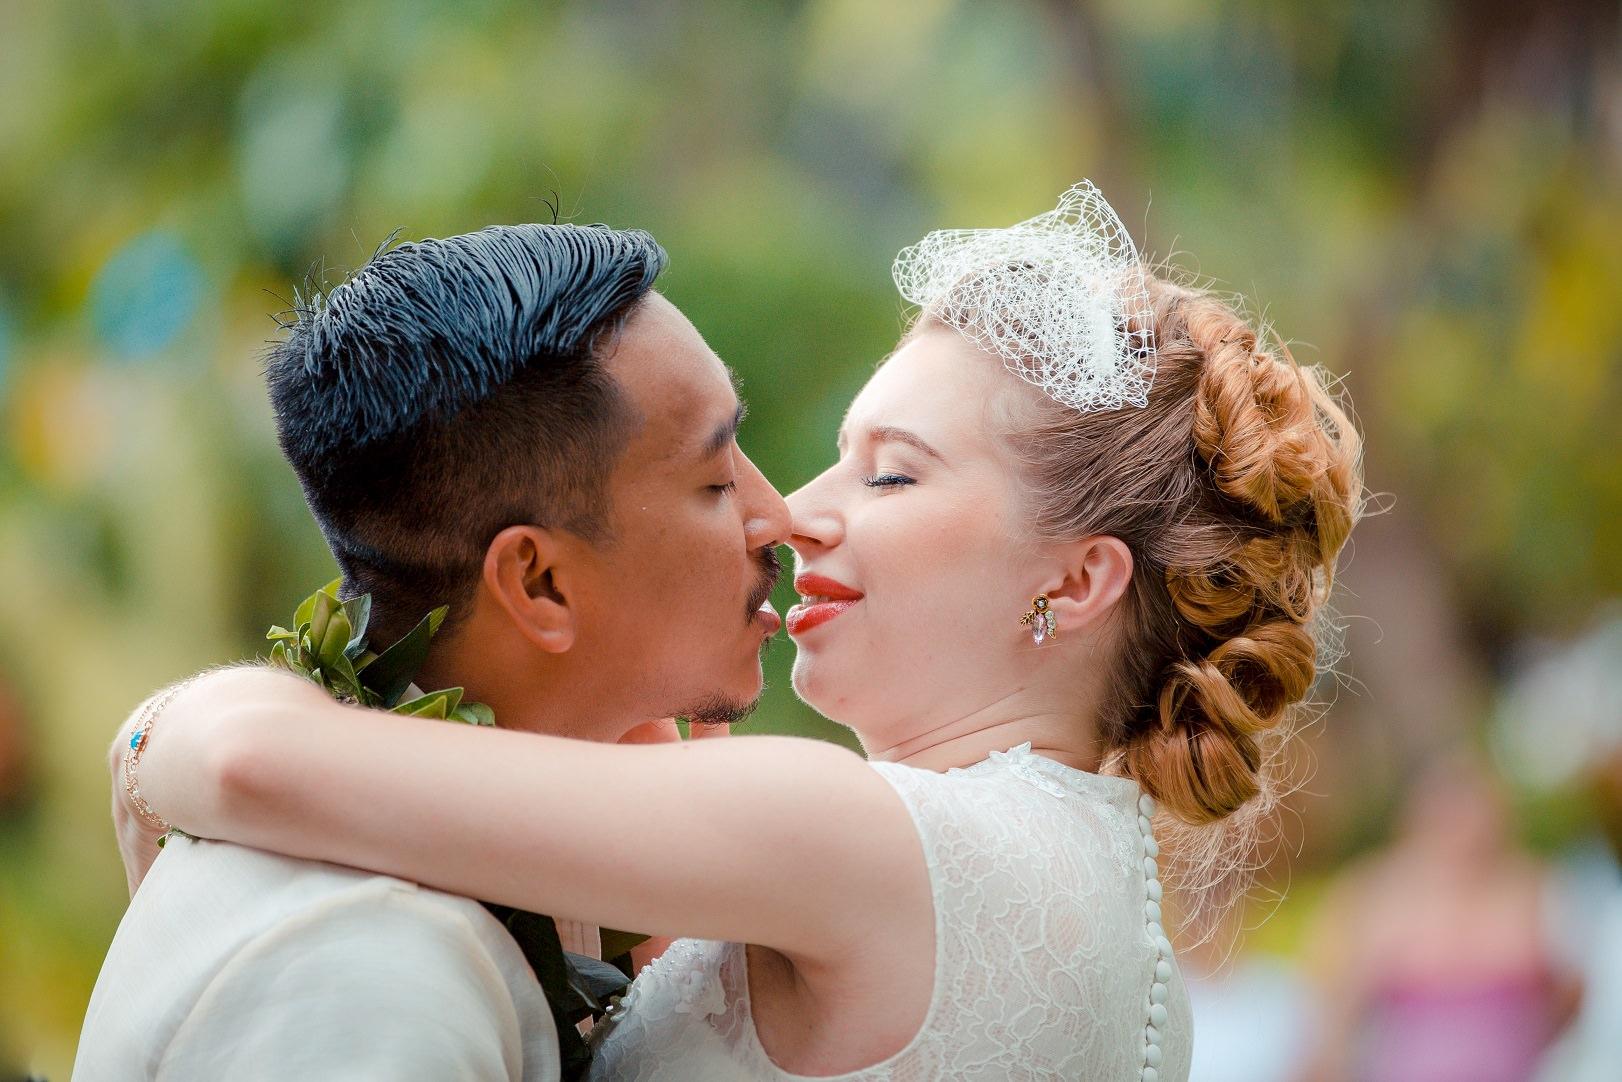 wedding kiss bride groom hale koa hotel resort waikiki oahu hawaii